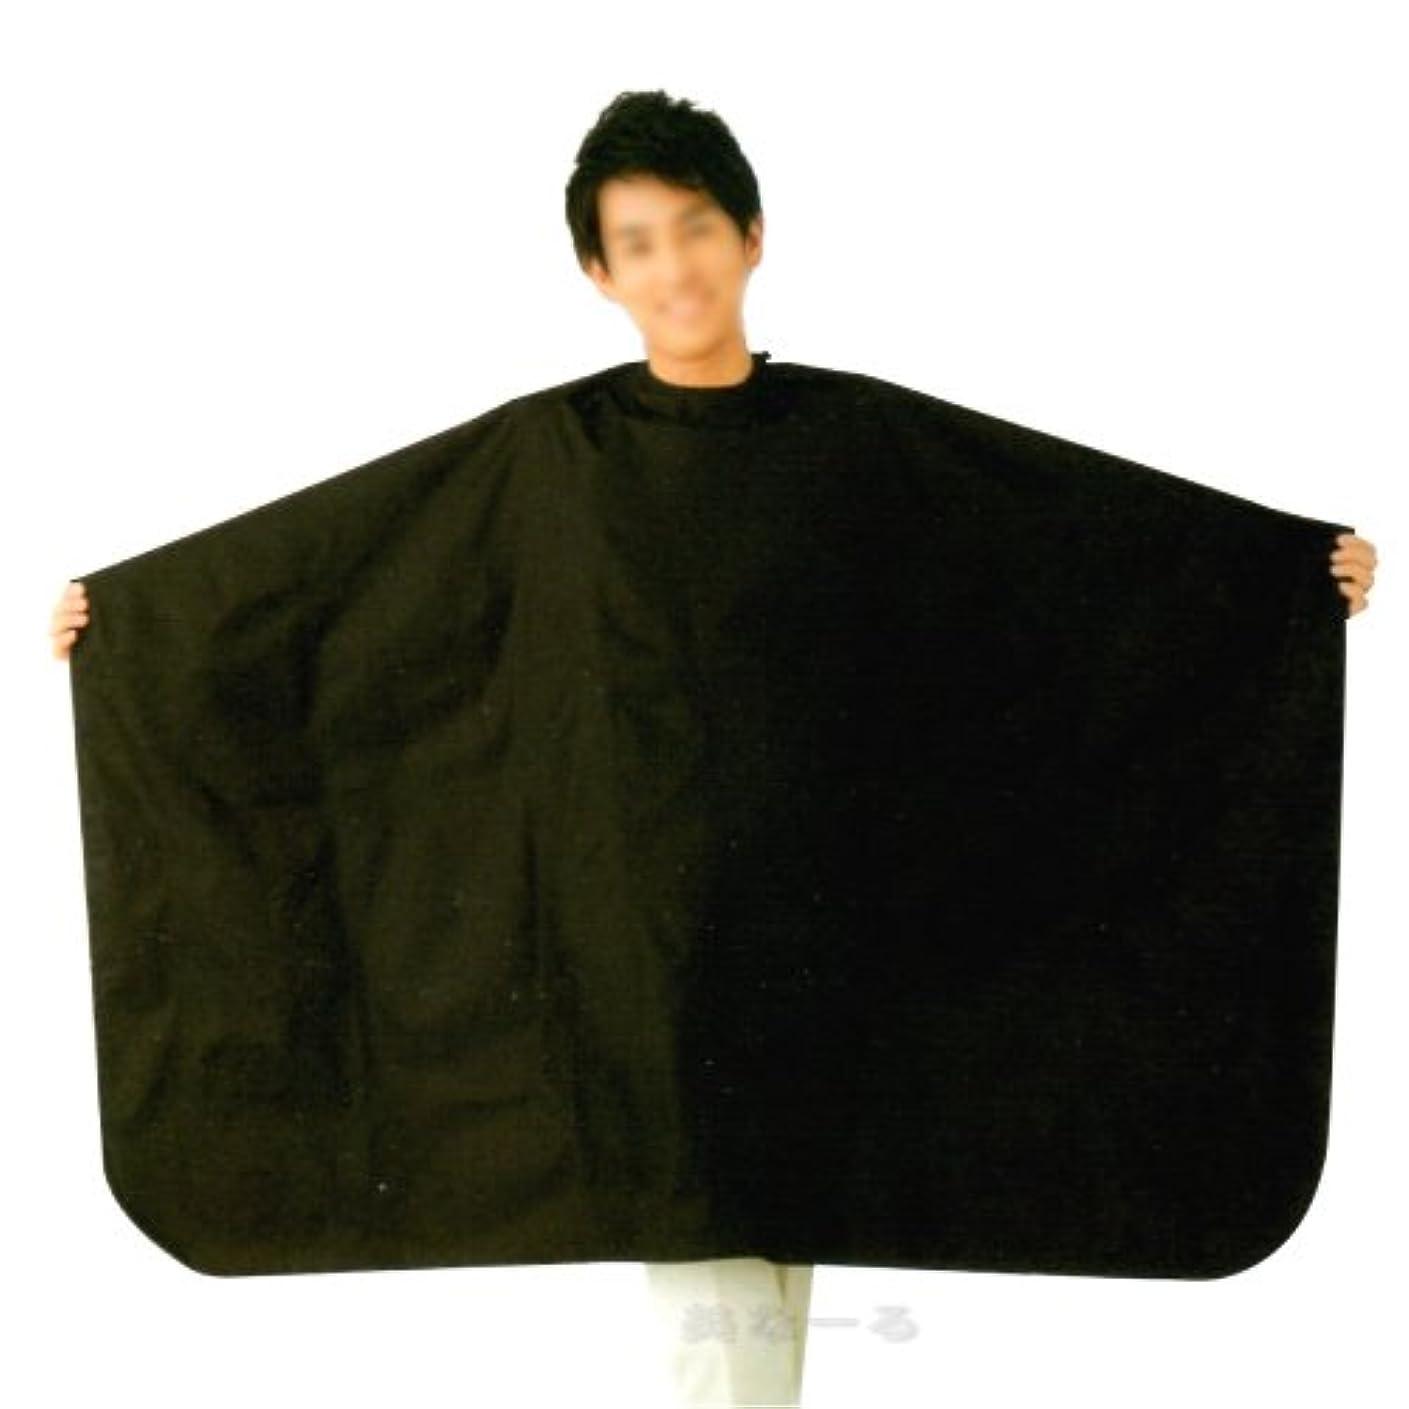 ビスケット合意刈るヘアダイクロス ヘアカラー用ケープ 袖なし 業務用 エルコ